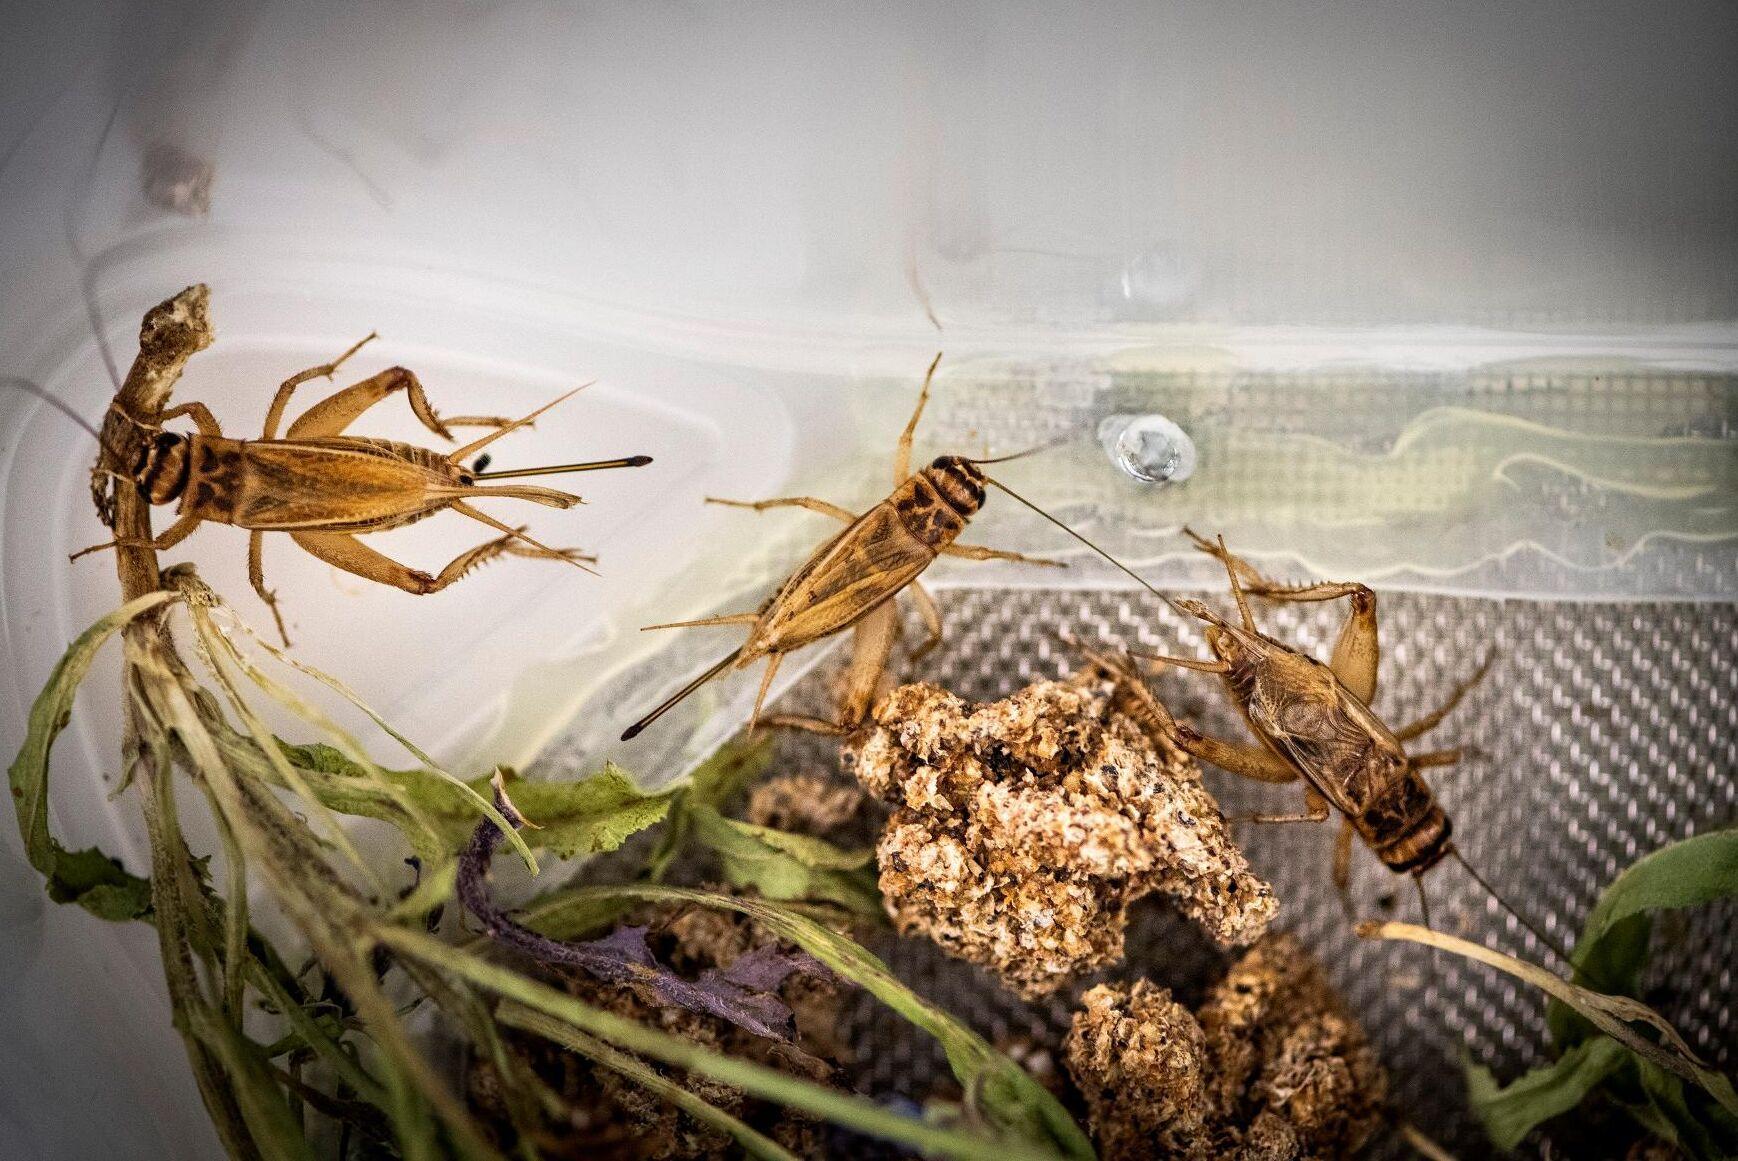 Syrsor innehåller höga nivåer av protein och mineraler, och produktionen av insekter sätter ett mindre fotavtryck på klimatet än köttproduktion.